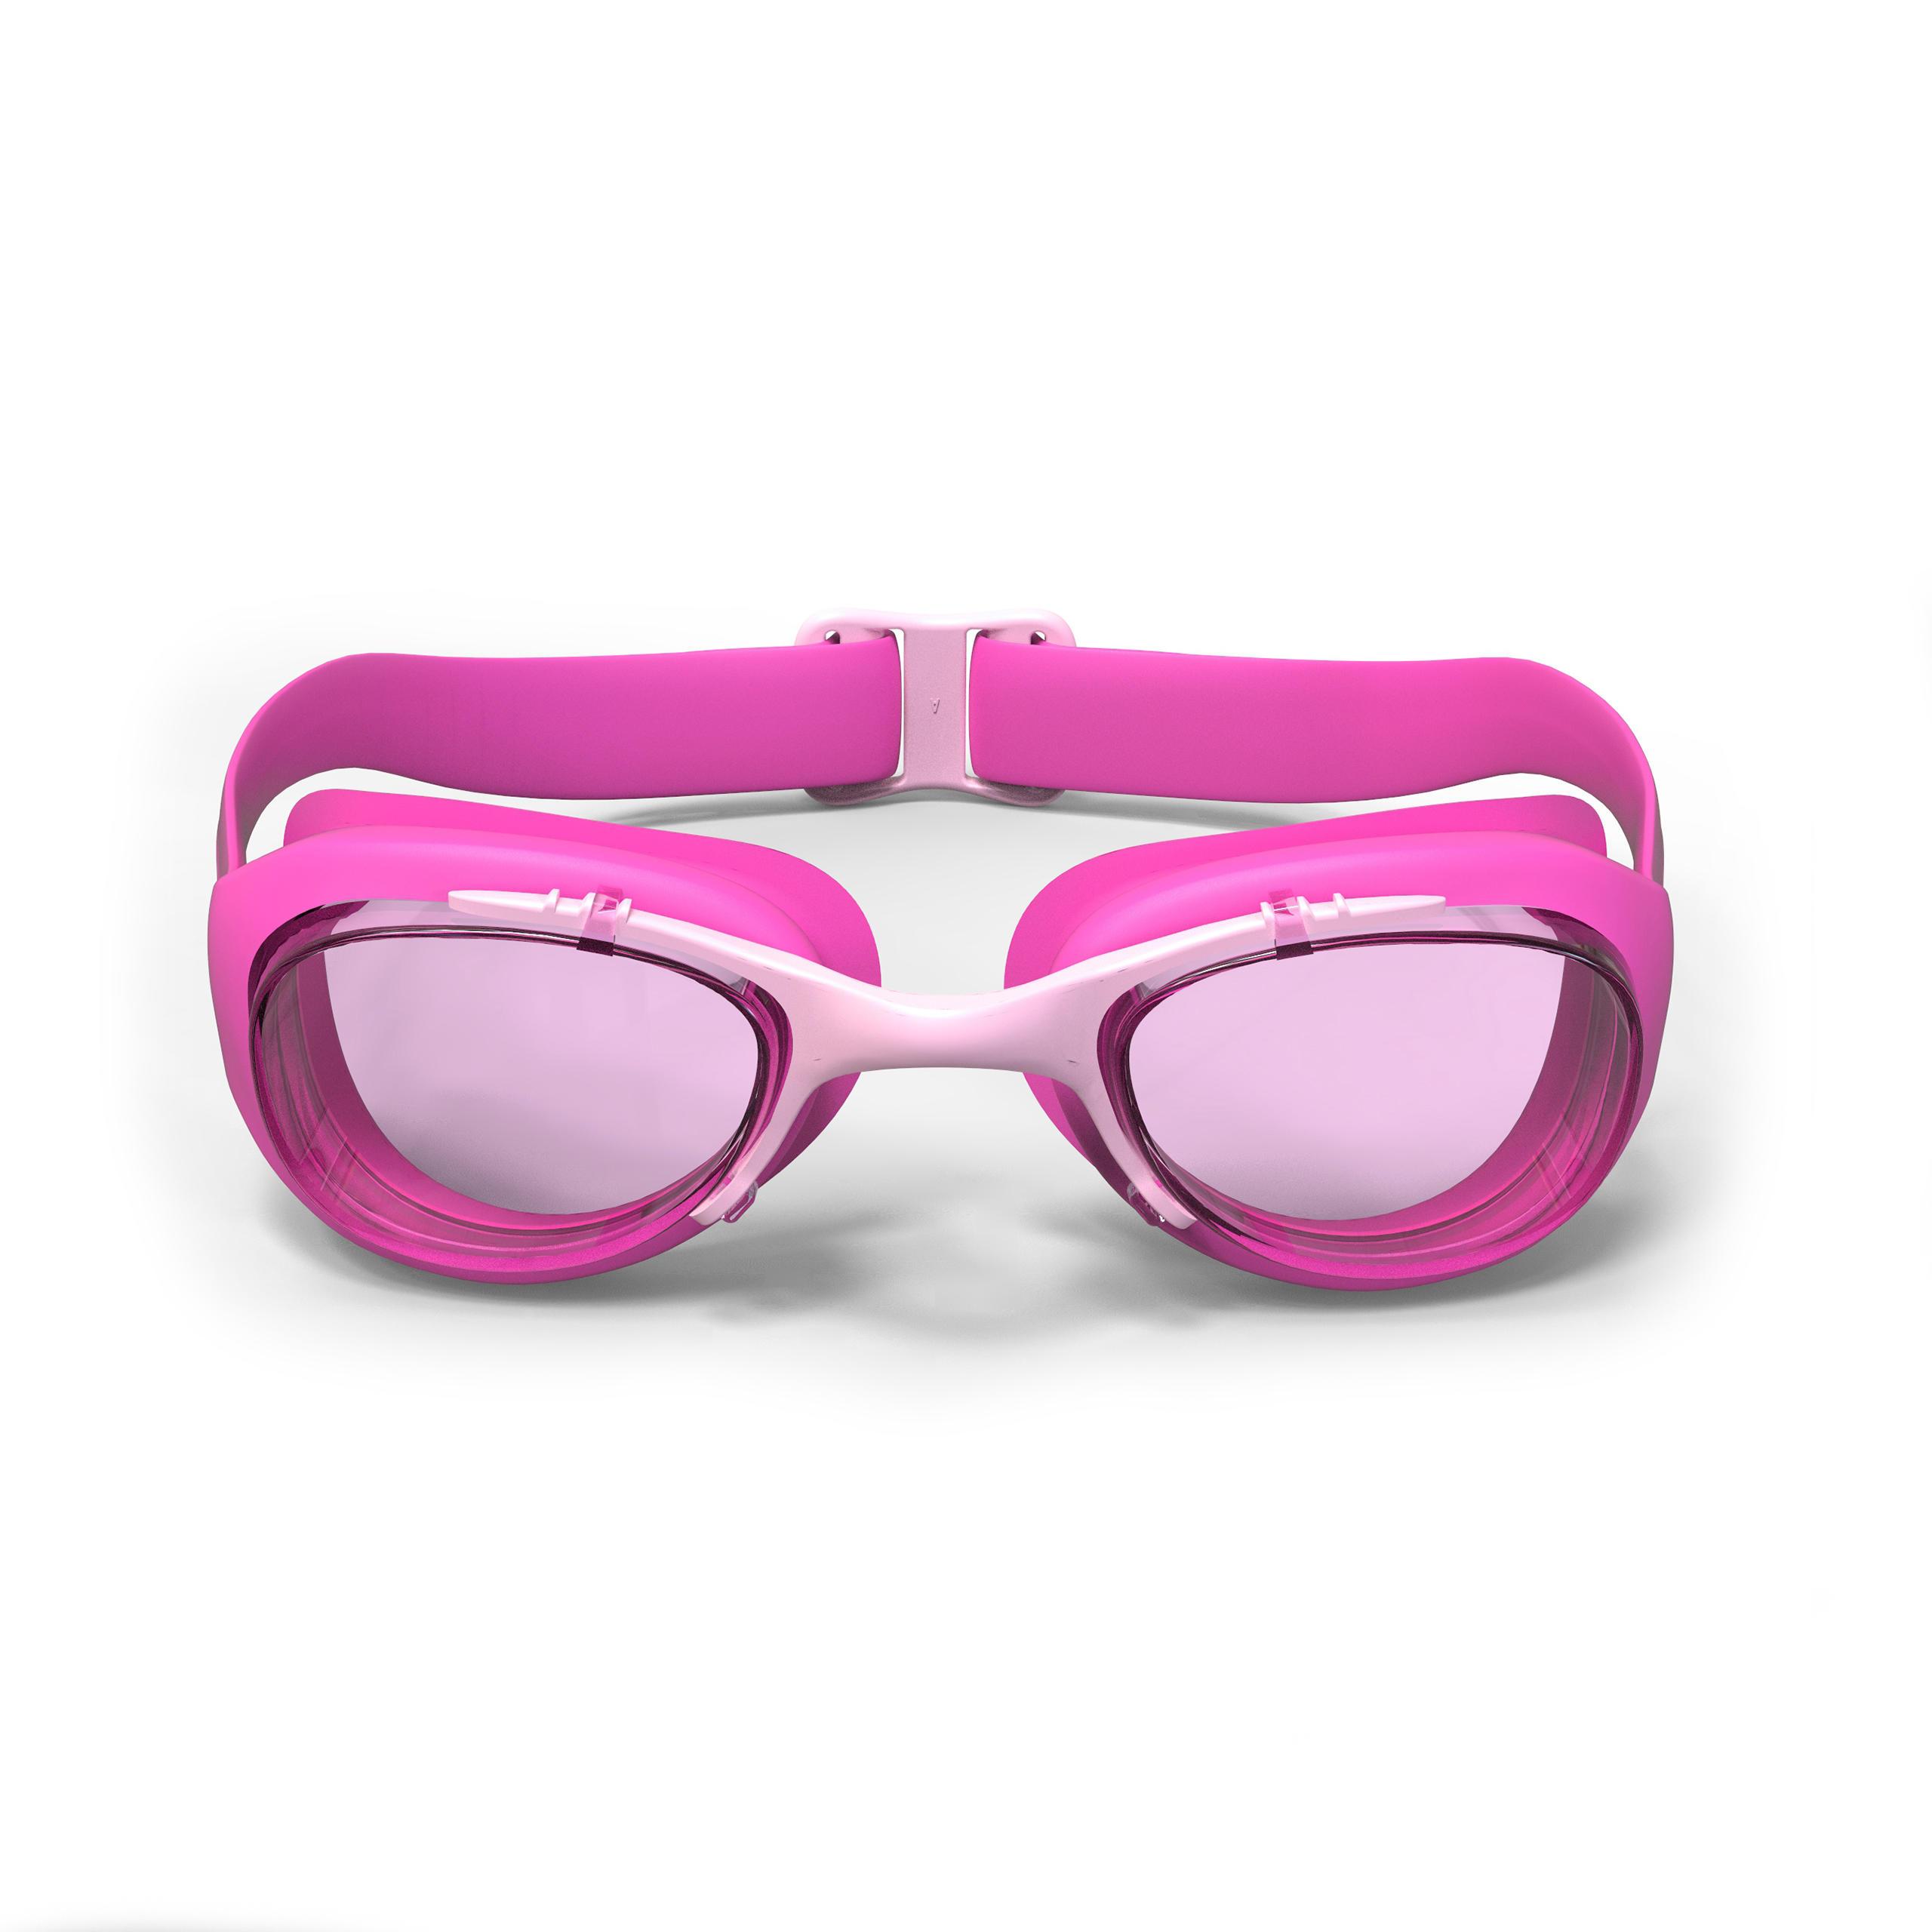 Lunettes de natation XBASE rose Taille P